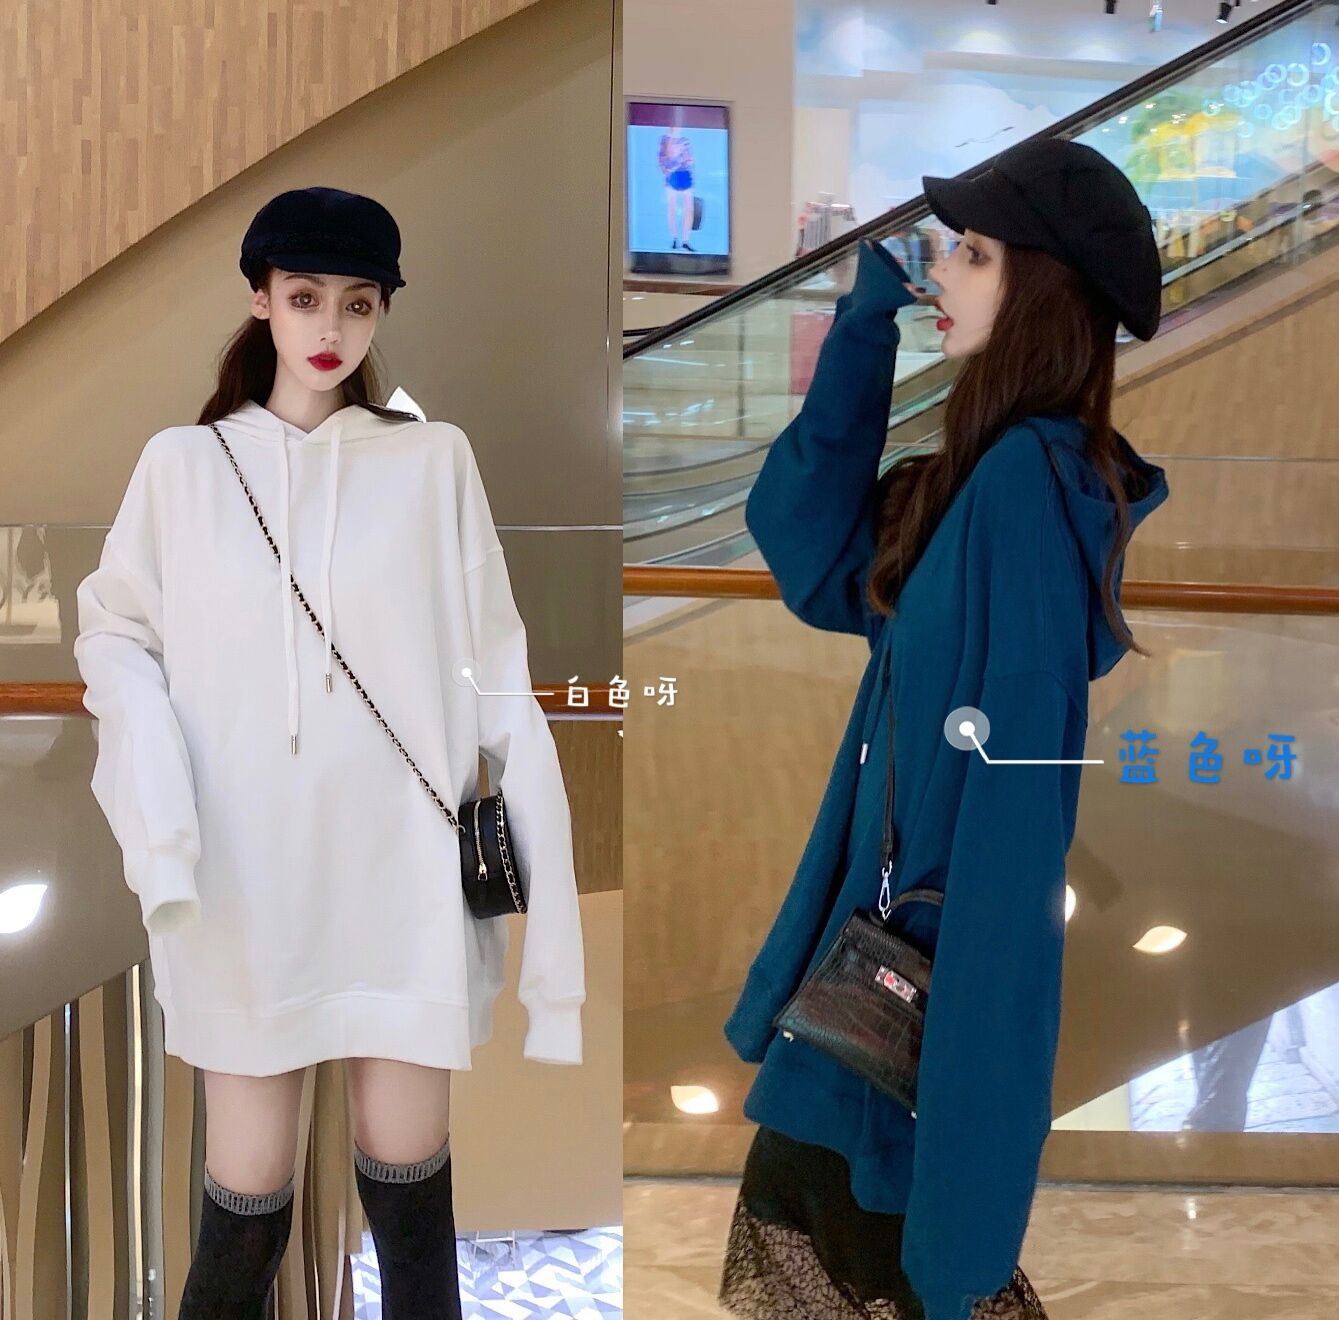 满62.80元可用1元优惠券baby蓝卫衣下体失踪女元气少女穿搭日系韩系莫兰迪色系女装气质潮